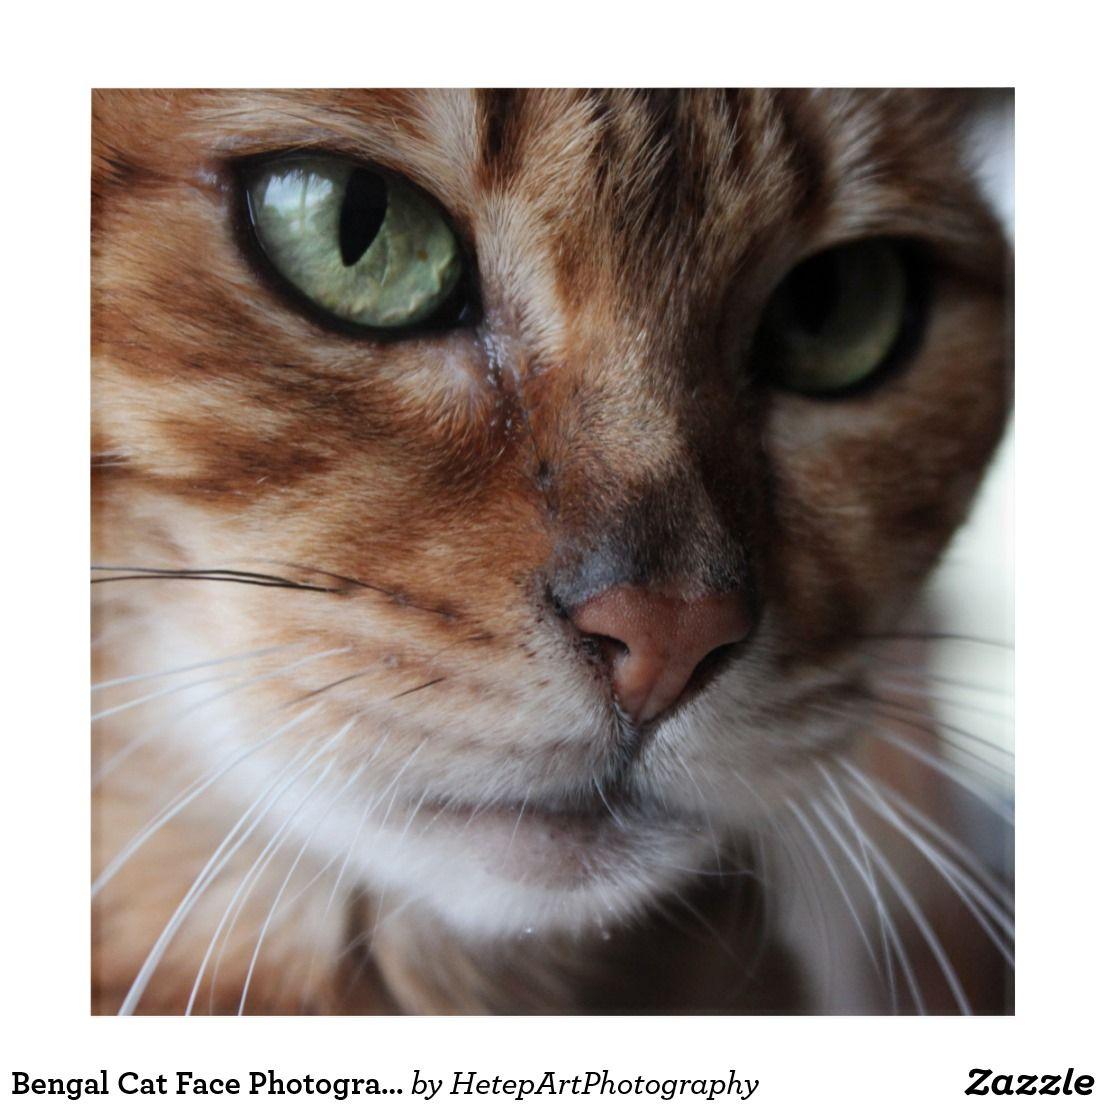 Bengal Cat Face Photograph Acrylic Wall Art Bengal cat